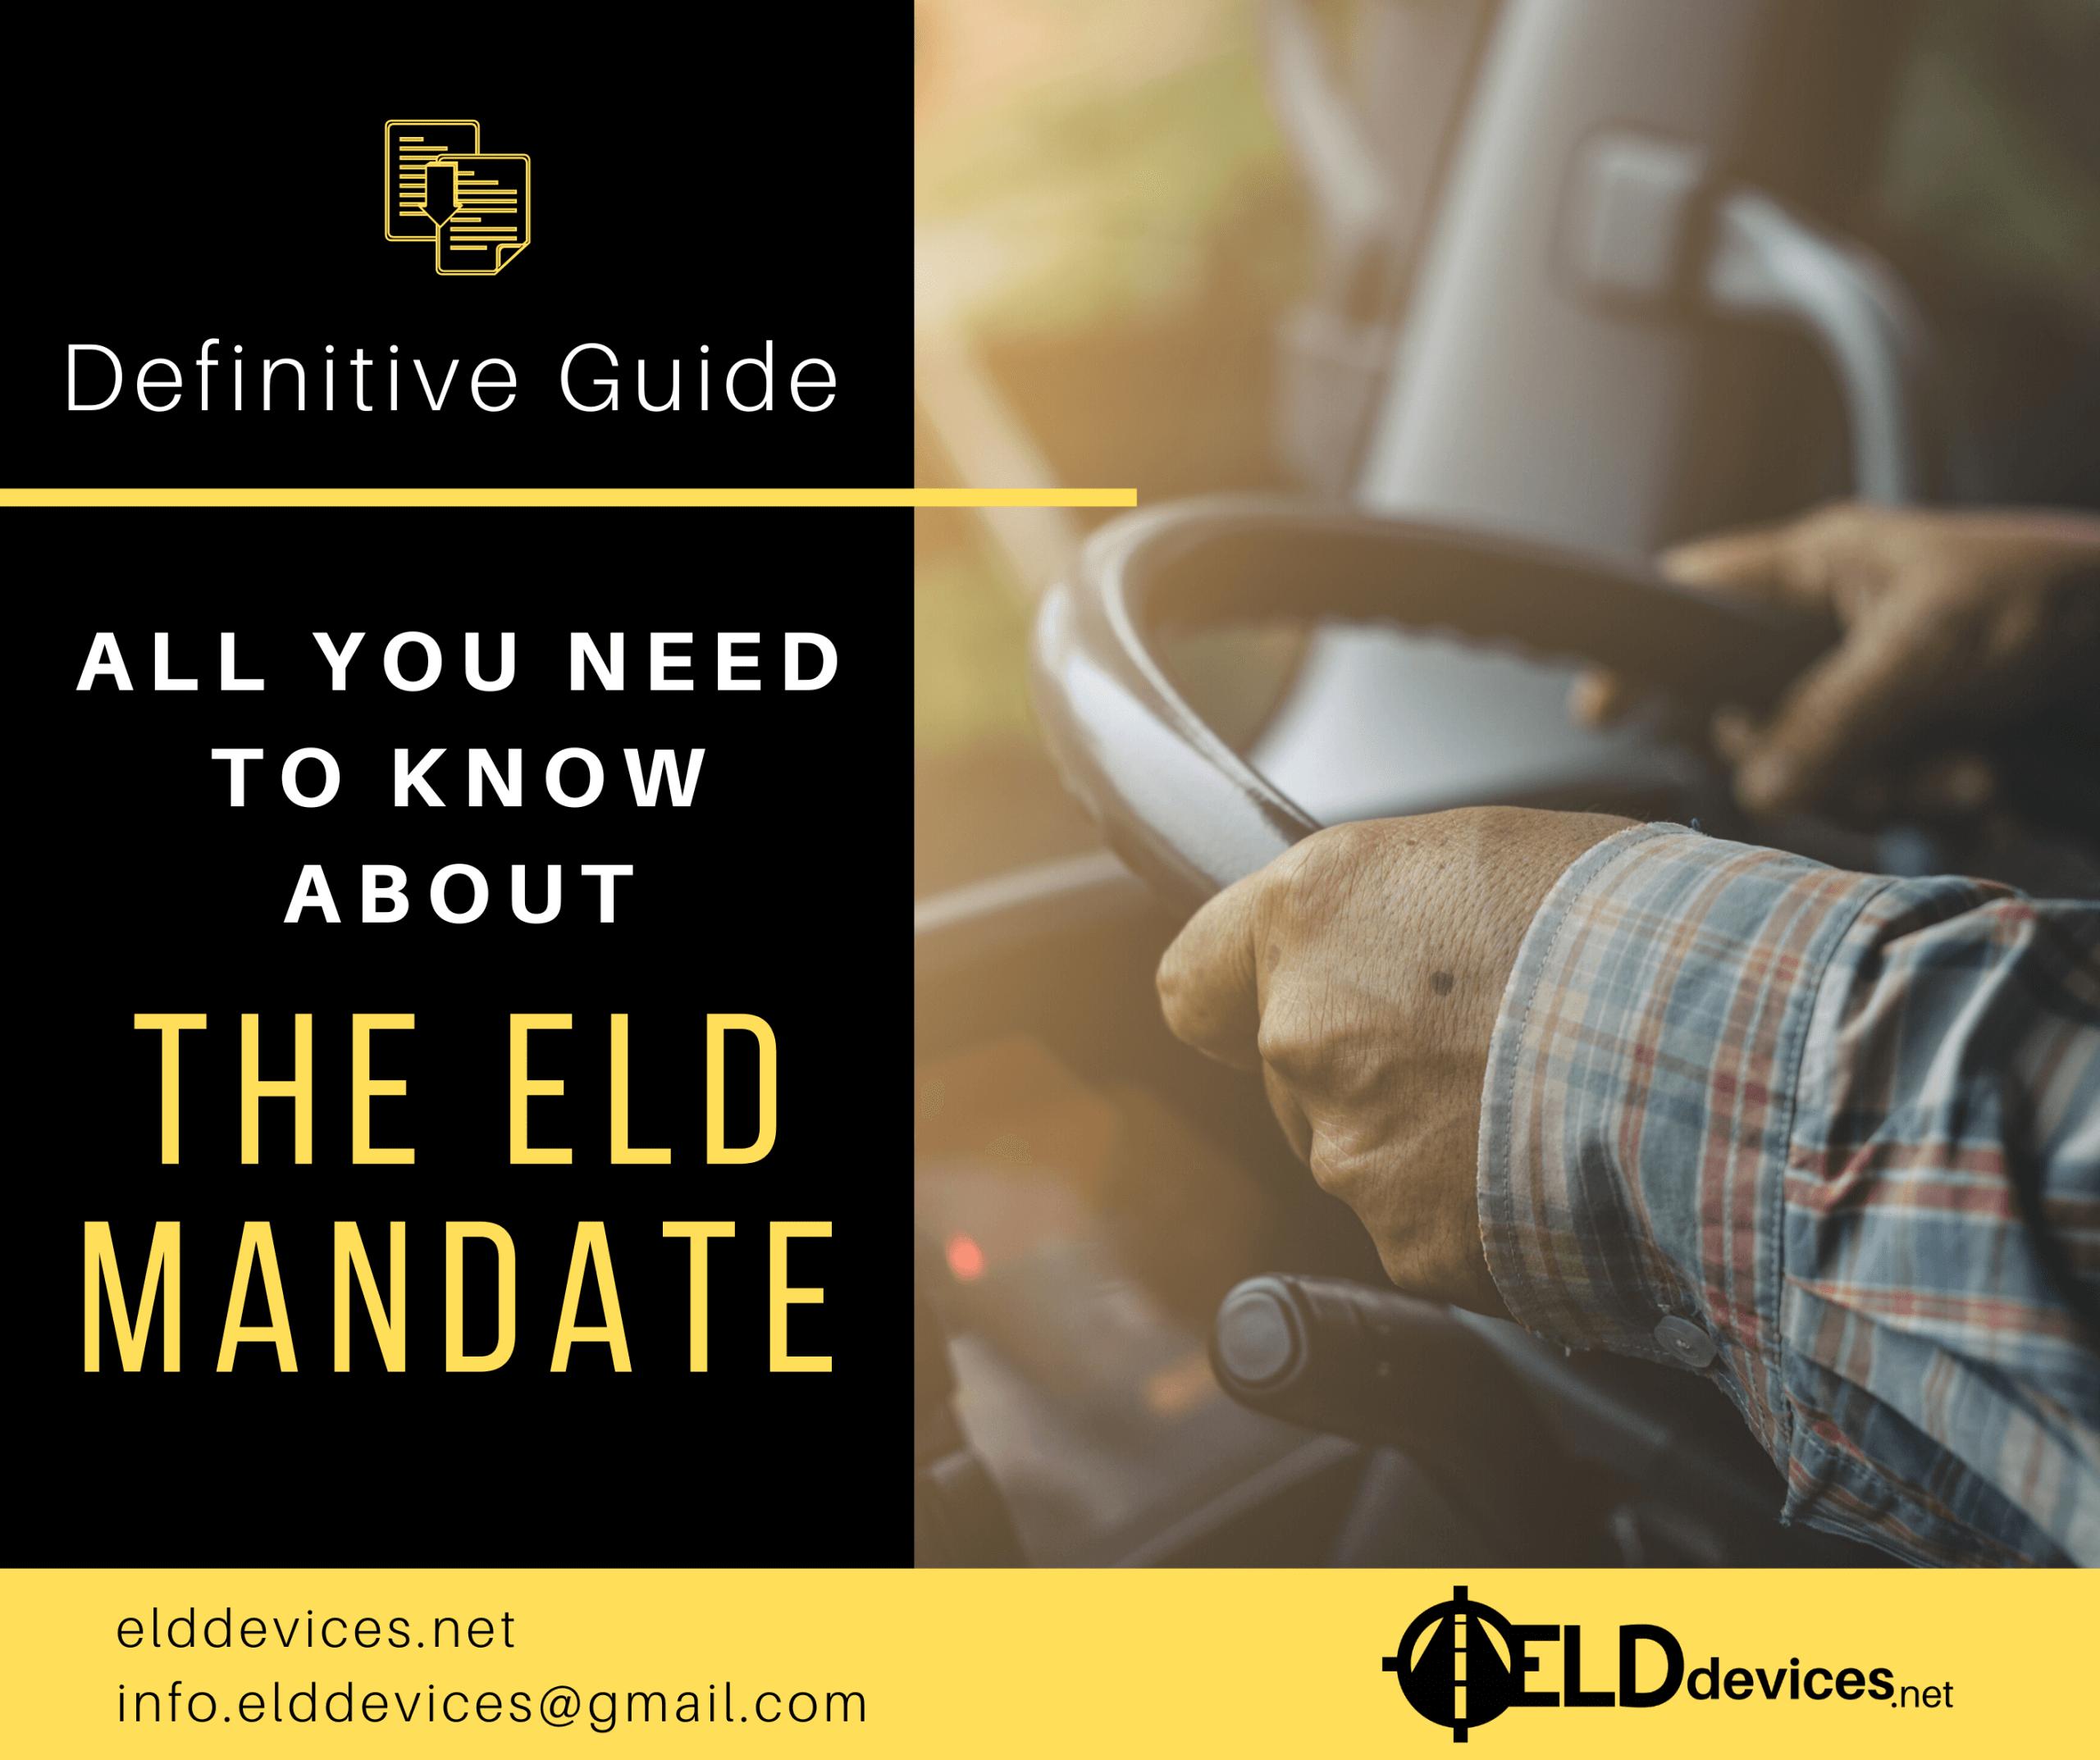 ELD mandate Guide